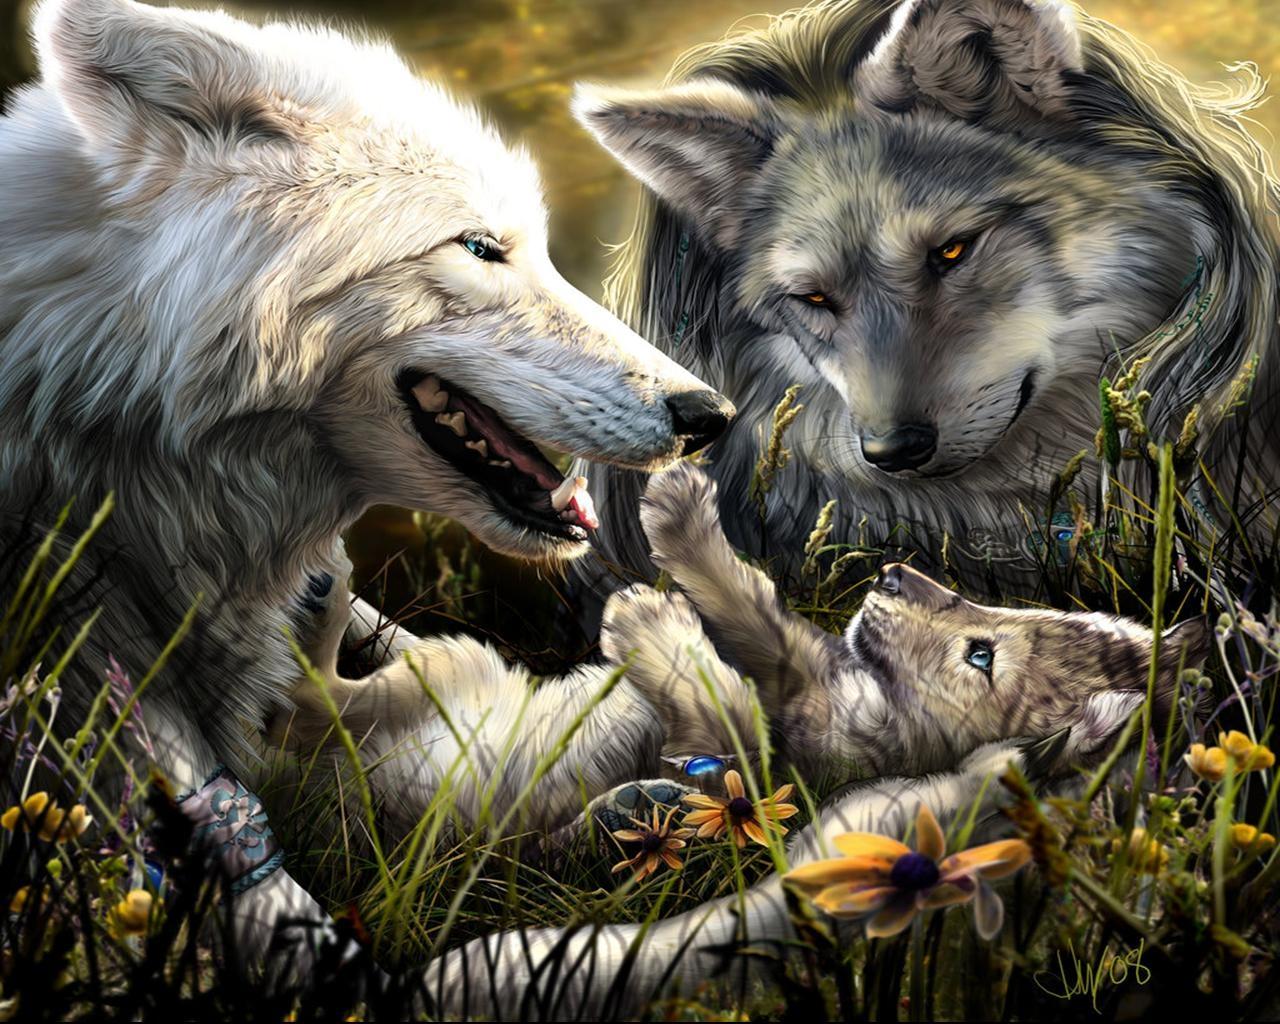 Sfondi : amore natura lupo famiglia nascita ragazzo fauna